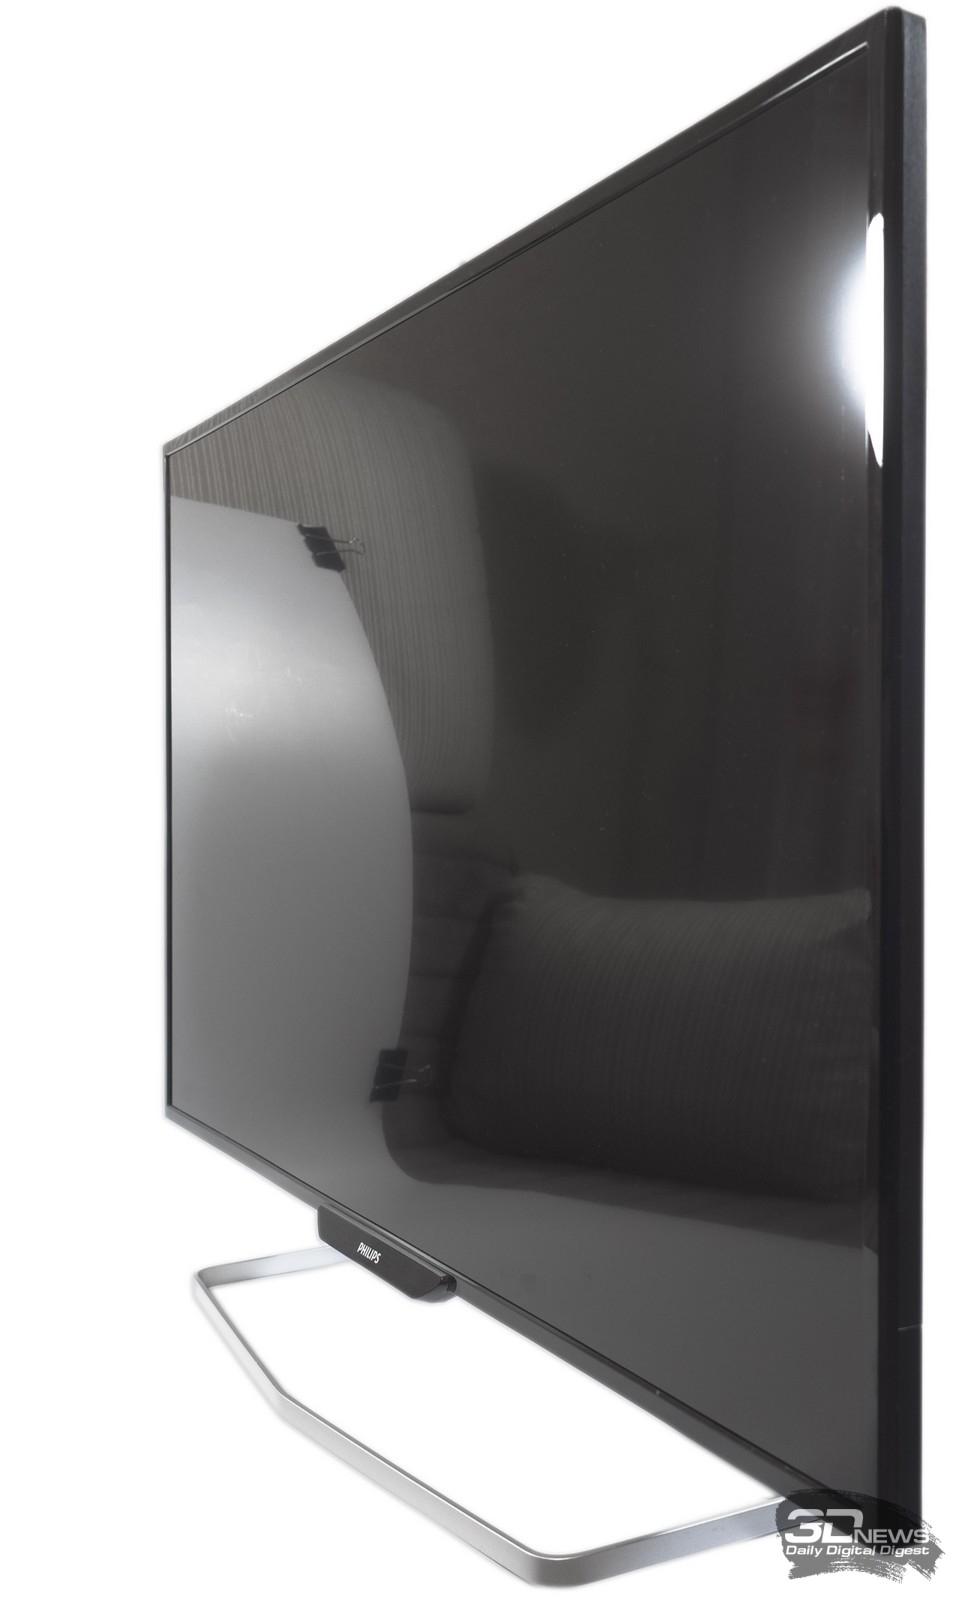 монитор vdo mm 5000 схема